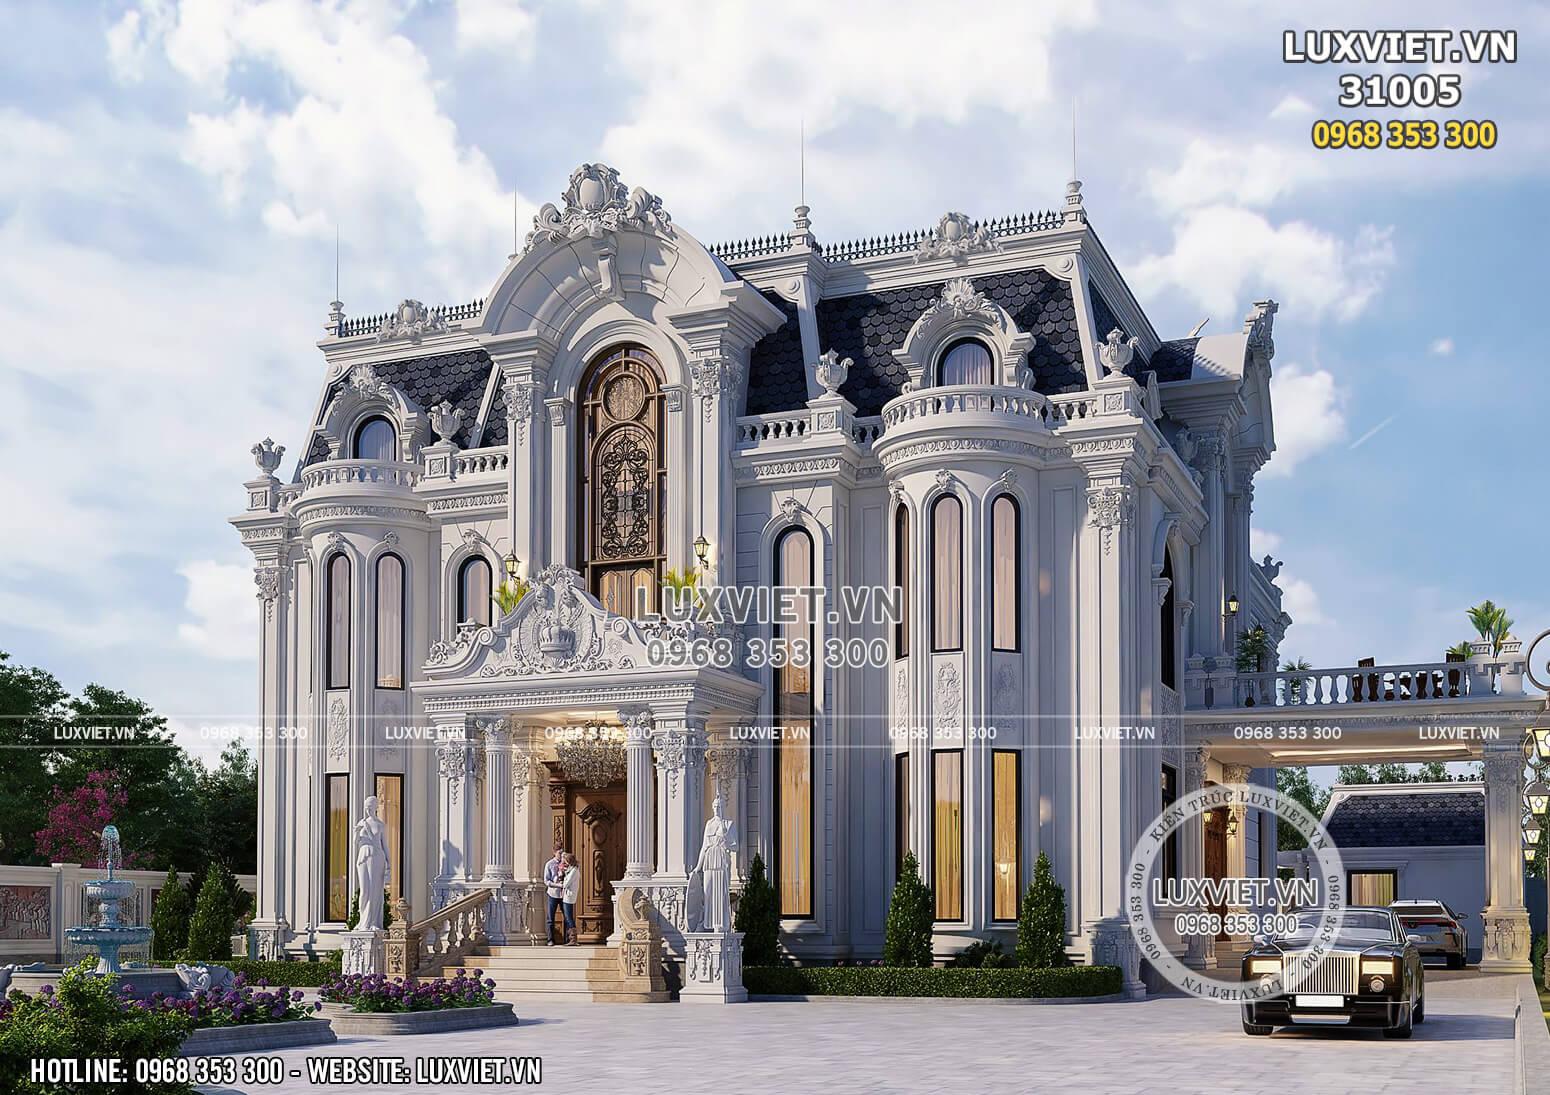 Thiết kế dinh thự tân cổ điển 2 tầng 1 tum đẹp - LV 31005